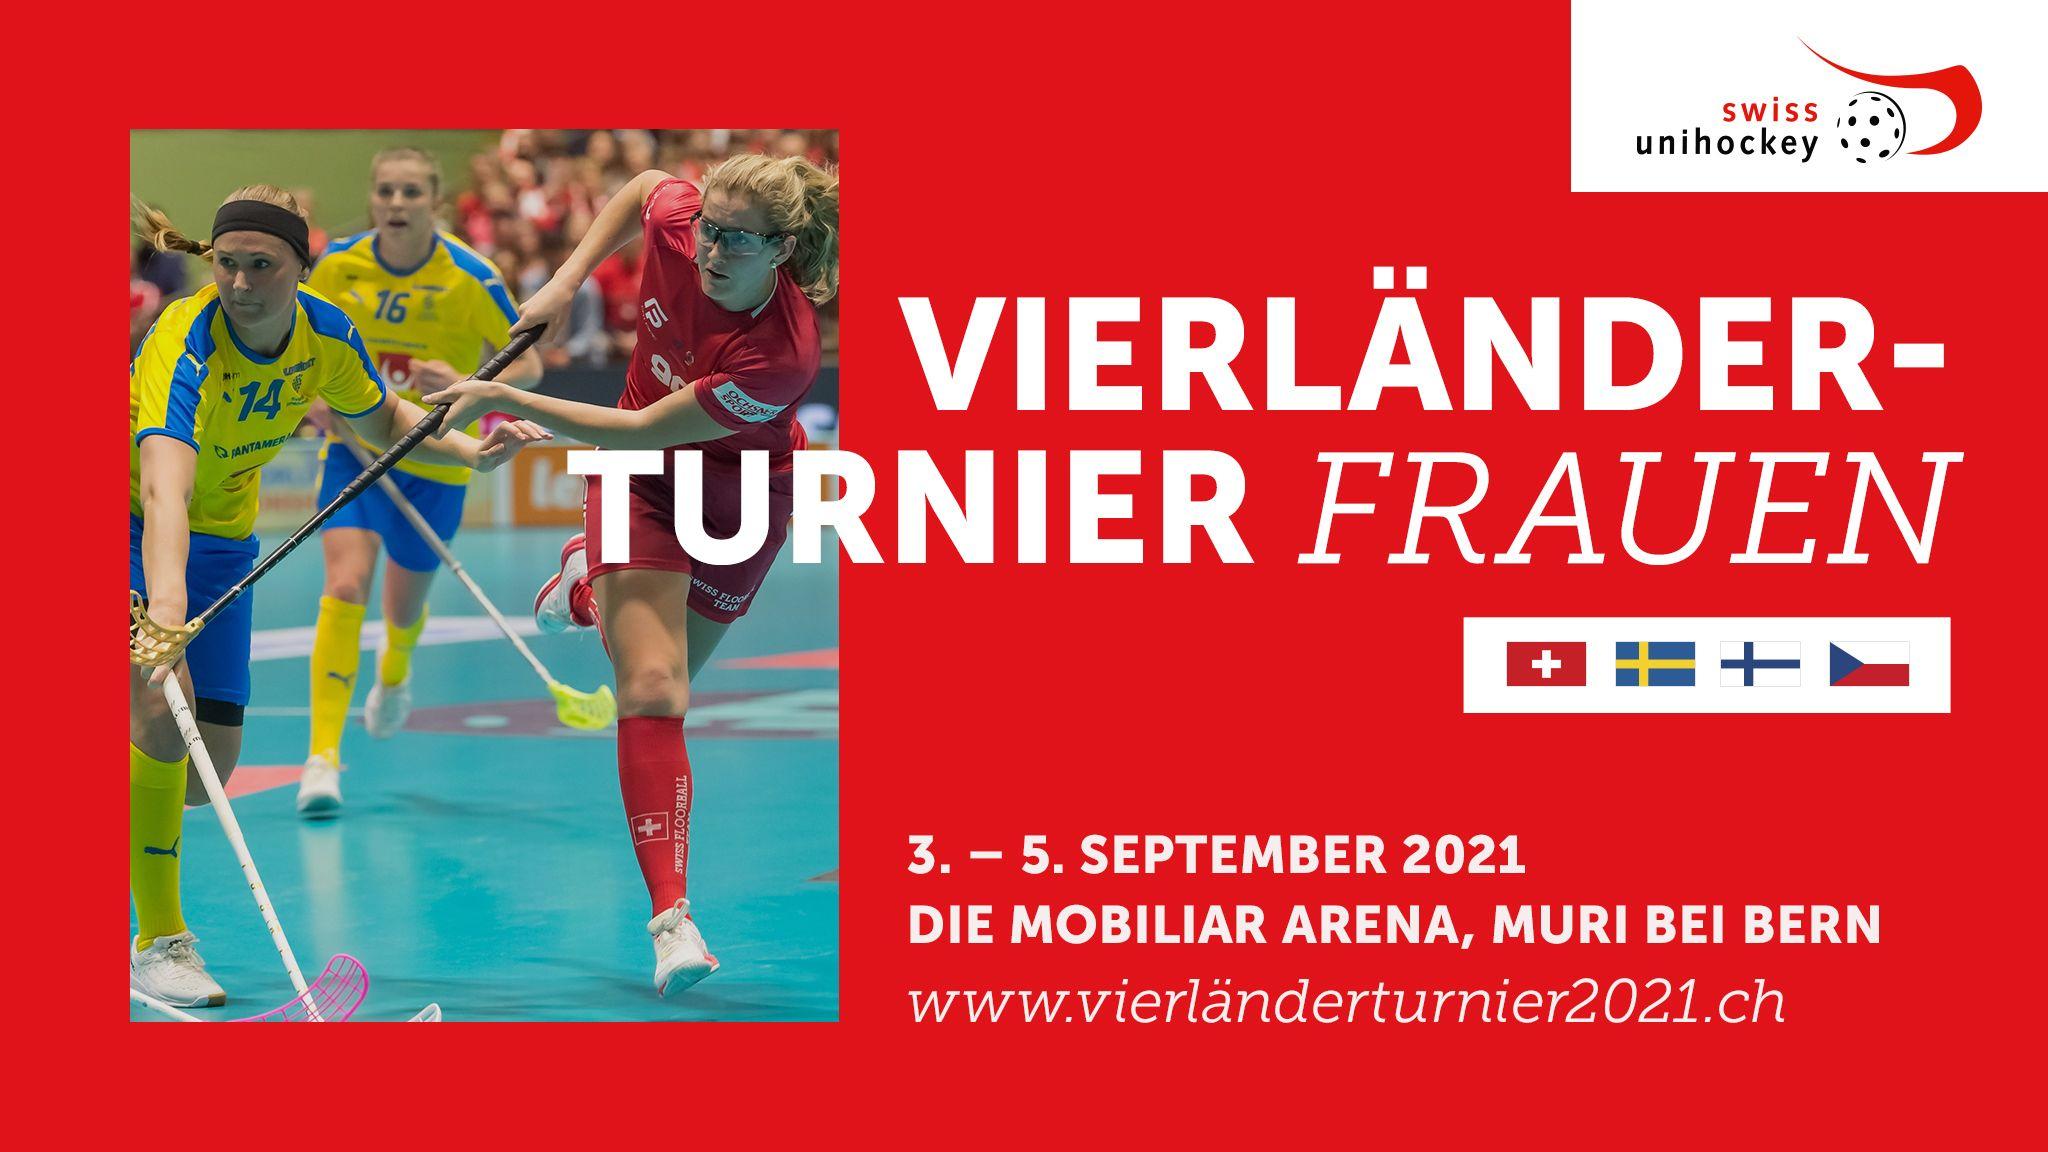 SUH-Vierlaenderturnier-Frauen-2021-Banner-2048x1152px-RZ.jpg